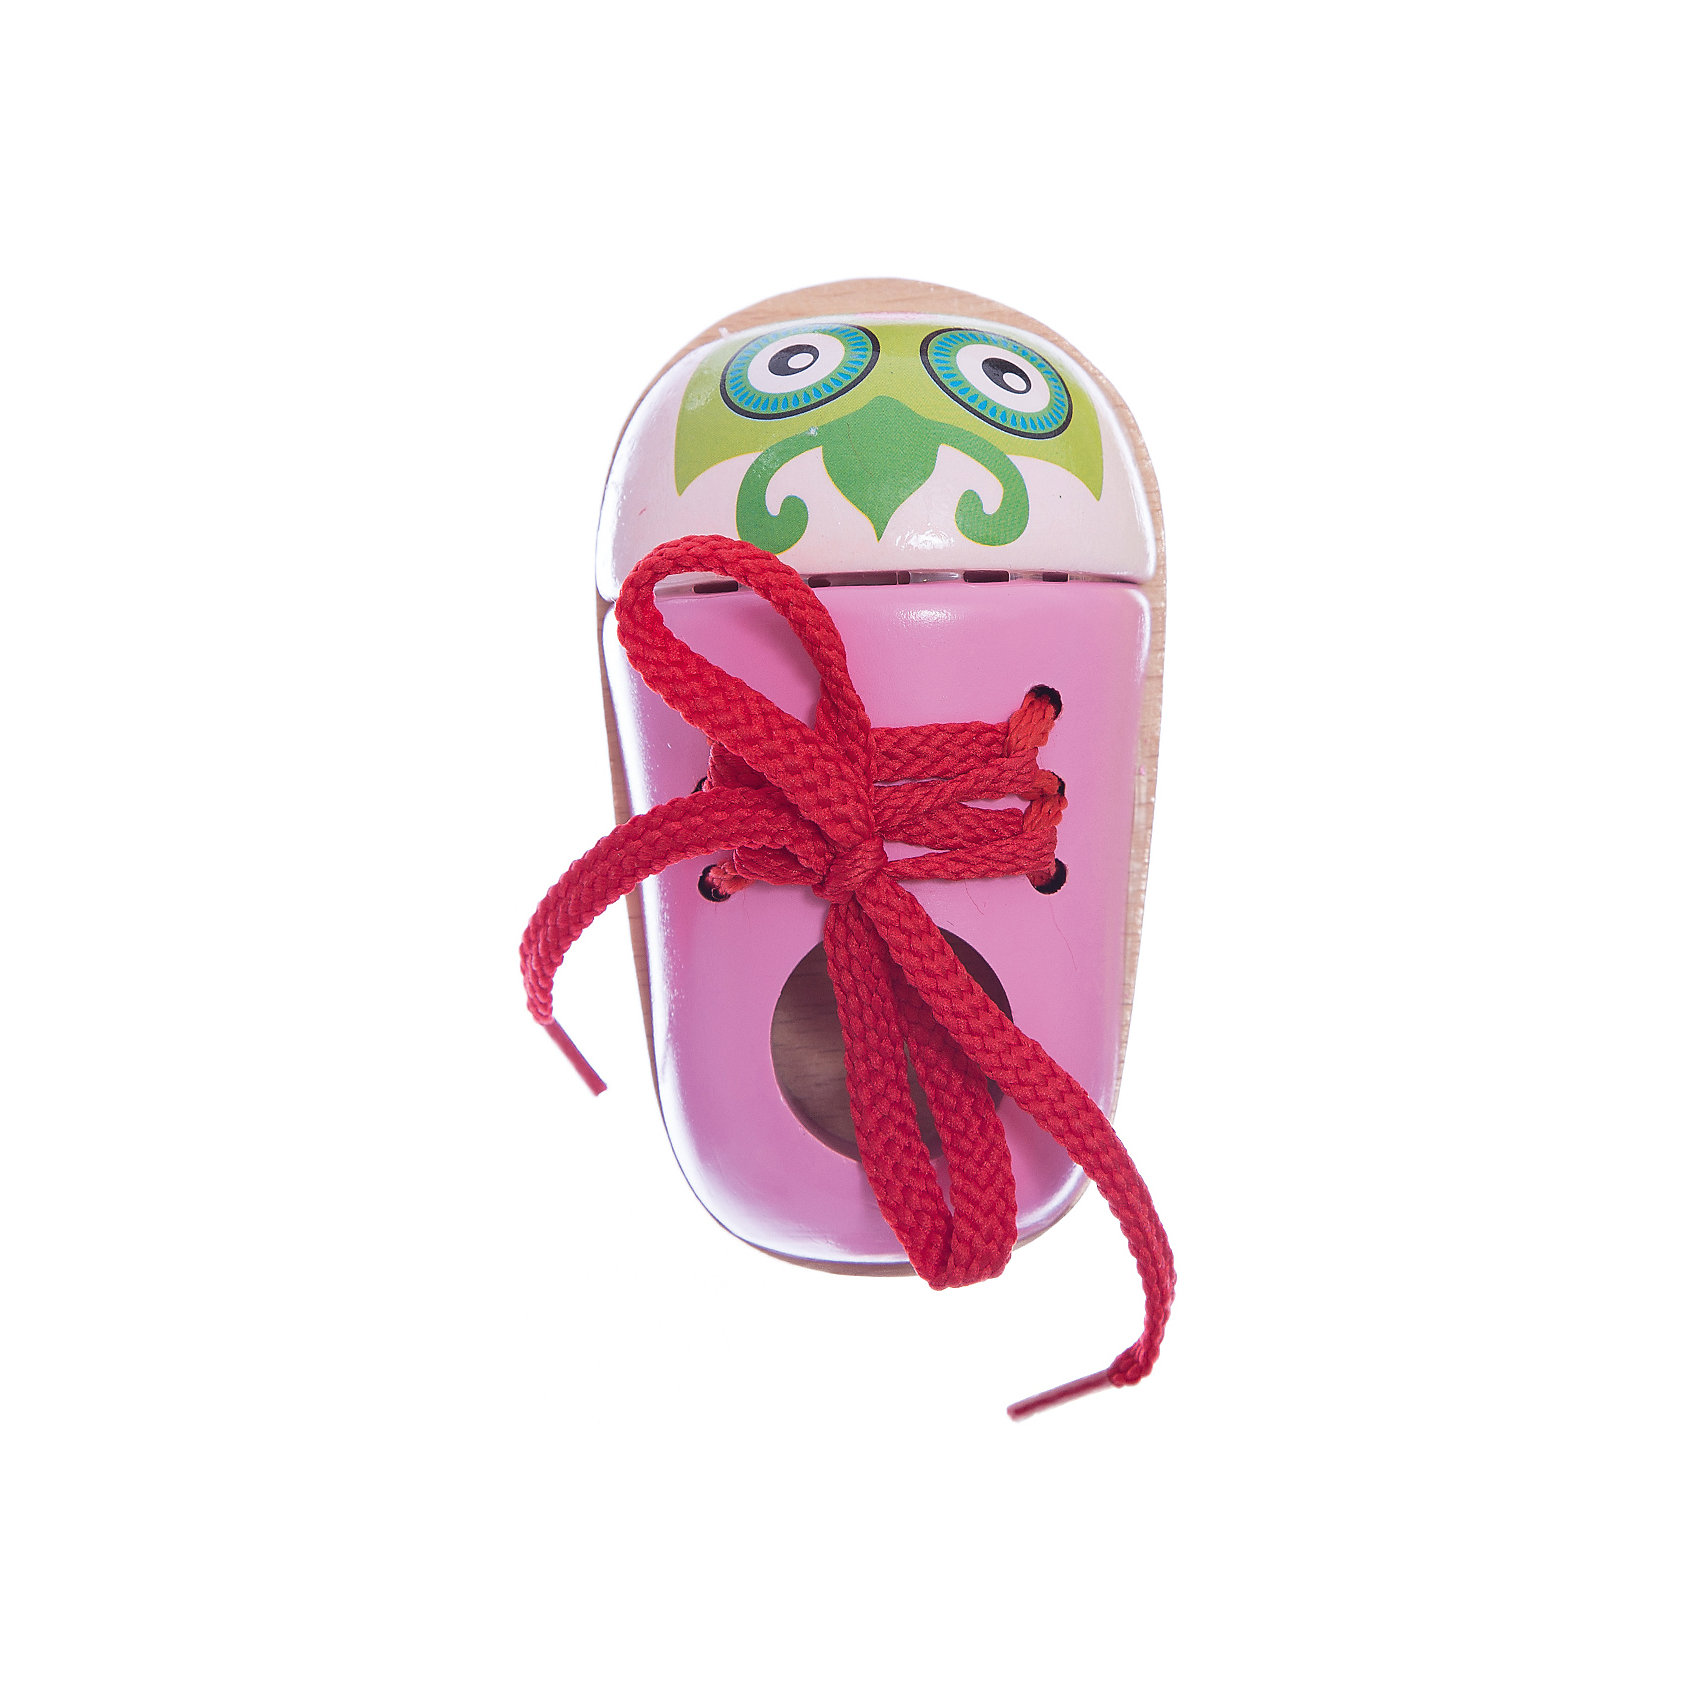 Шнуровка Ботиночек Совушка, MapachaШнуровки – вид развивающих игрушек, которые обучают ребенка практическим навыкам. Шнуровка научит обращаться со шнурками, завязывать узелки и бантики. Красивый дизайн игрушки, интересный рисунок, экологический материал, яркие цвета и стильный дизайн сделают модель любимой вещицей у малыша. Игрушка тренирует мелкую моторику, аккуратность, а так же тренирует логику и воображение. Материалы, использованные при изготовлении товара, абсолютно безопасны и отвечают всем международным требованиям по качеству.<br><br>Дополнительные характеристики:<br><br>материал: натуральное дерево, текстиль;<br>цвет: разноцветный;<br>габариты: 10 X 4 X 19 см.<br><br>Шнуровку Ботиночек Совушка от компании Mapacha можно приобрести в нашем магазине.<br><br>Ширина мм: 430<br>Глубина мм: 430<br>Высота мм: 245<br>Вес г: 109<br>Возраст от месяцев: 36<br>Возраст до месяцев: 84<br>Пол: Унисекс<br>Возраст: Детский<br>SKU: 5032501